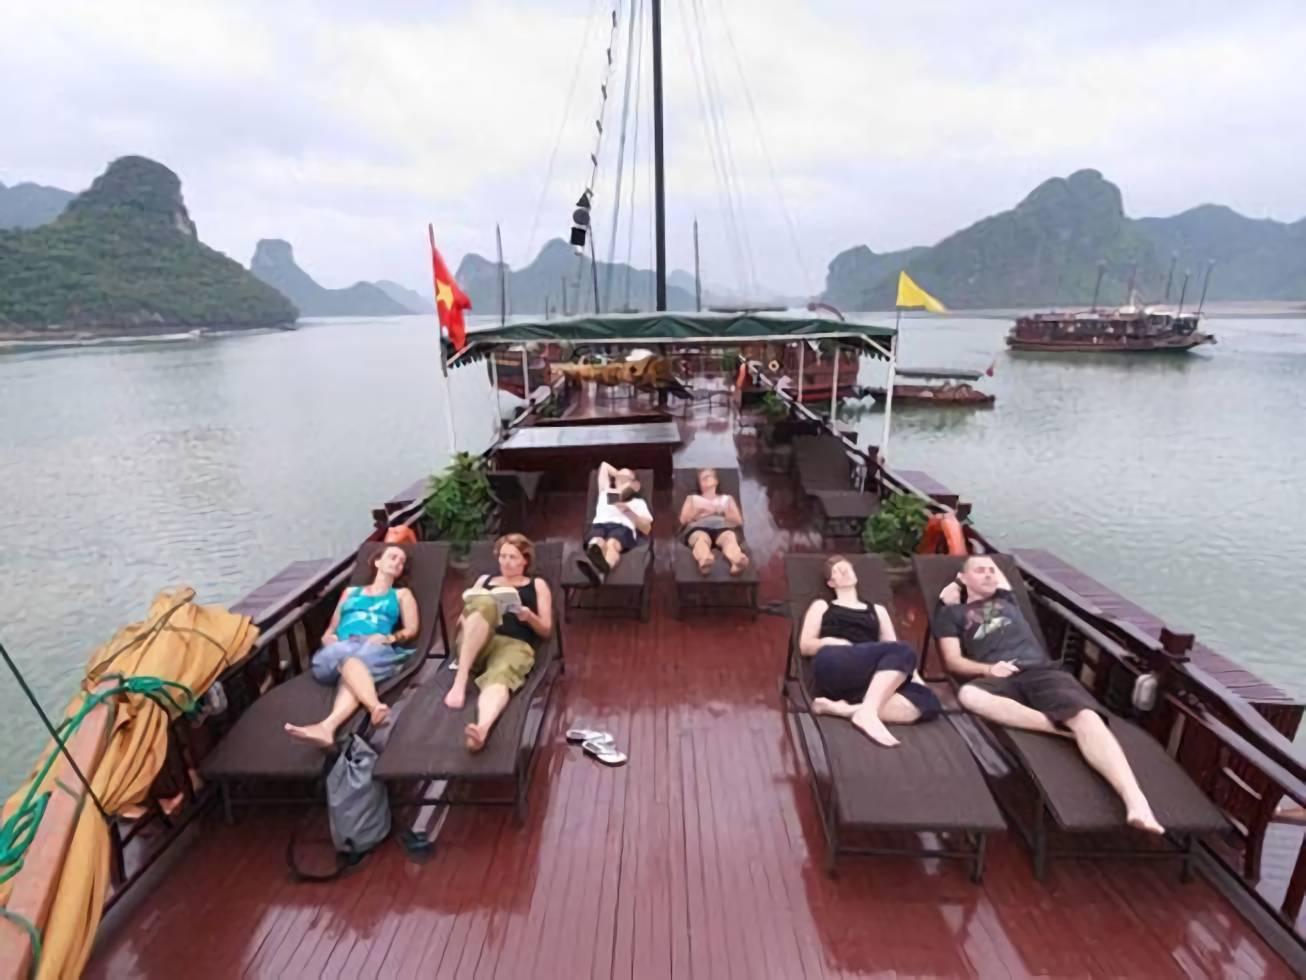 乘船游览下龙湾:外国游客的新体验